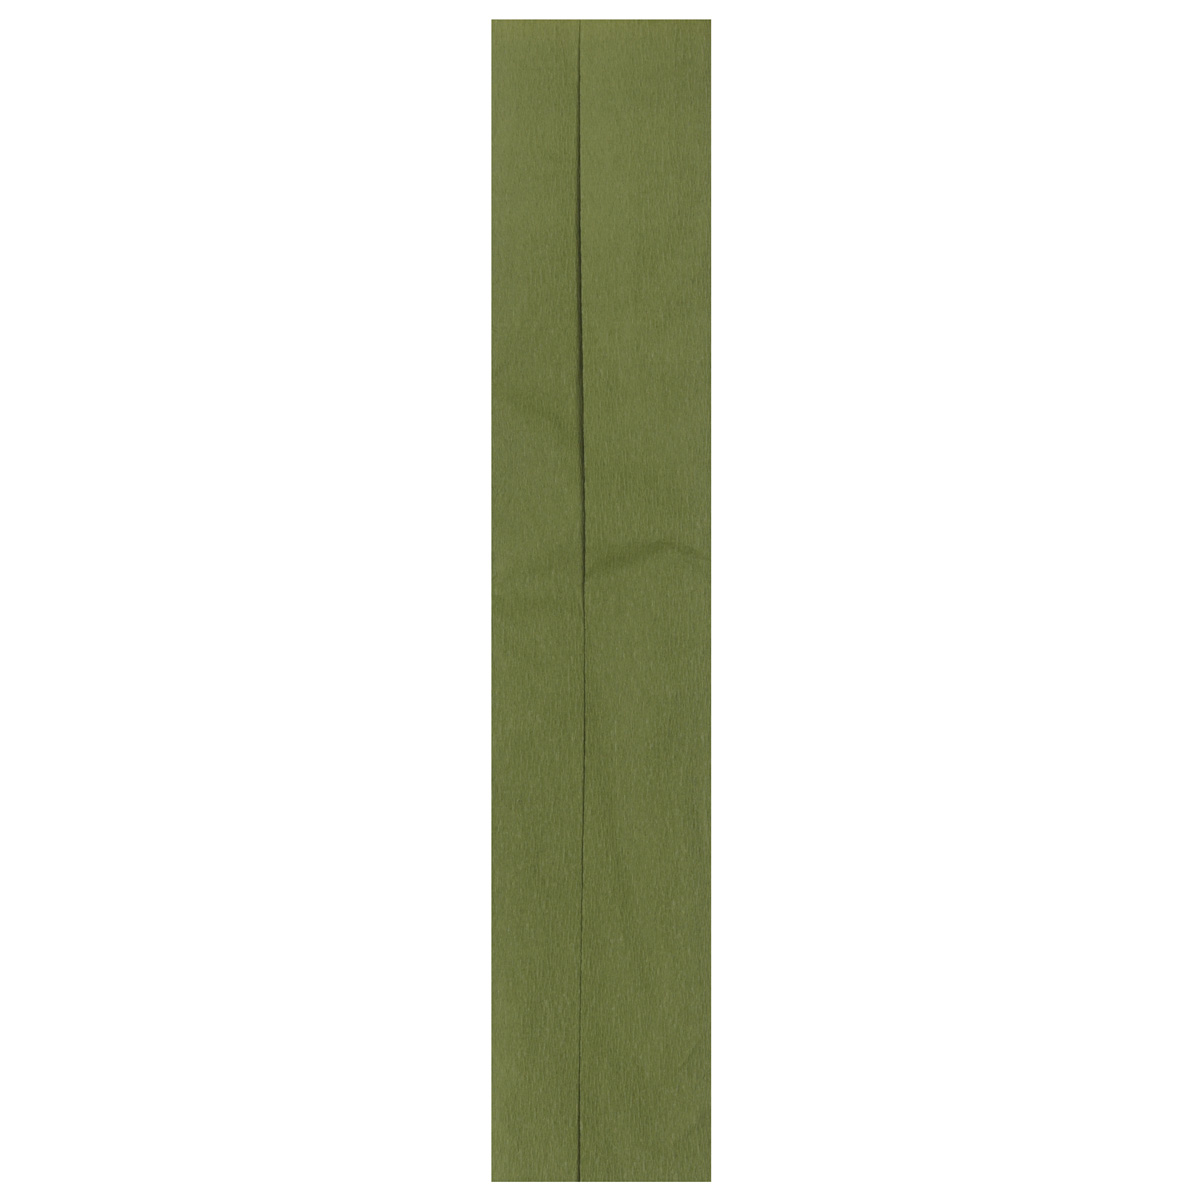 Бумага креповая Folia, цвет: оливковый (42), 50 см x 2,5 м7704392_42Бумага креповая Folia - прекрасный материал для декорирования, украшения интерьера, изготовления искусственных цветов, эффектной упаковки и различных поделок. Бумага прекрасно держит форму, отлично крепится и замечательно подходит для изготовления праздничной упаковки для цветов.